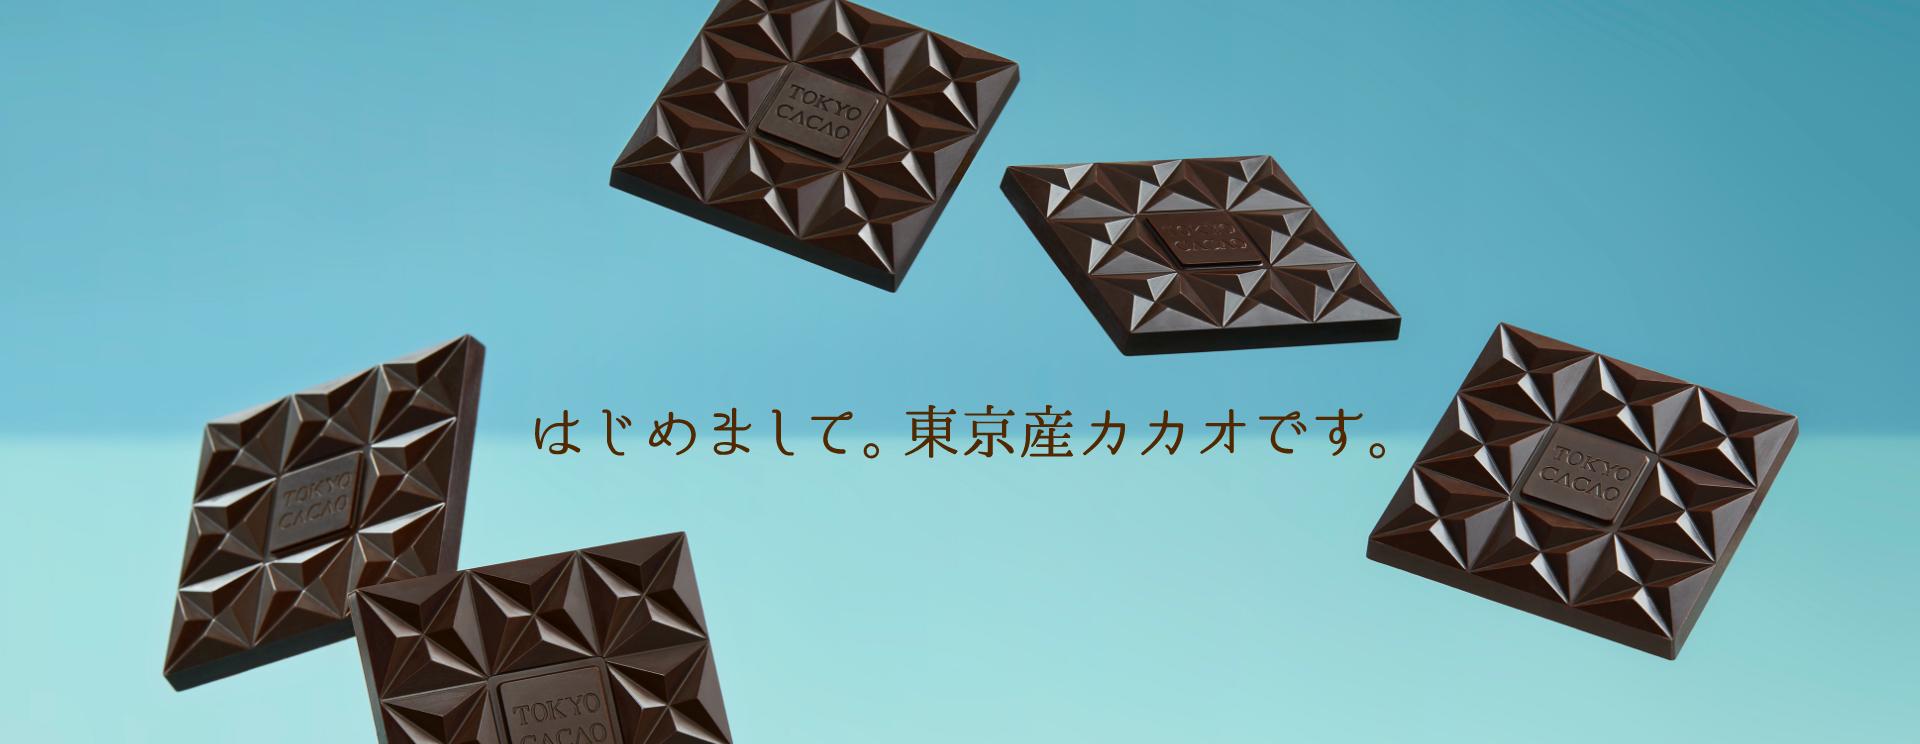 はじめまして。東京産カカオです。